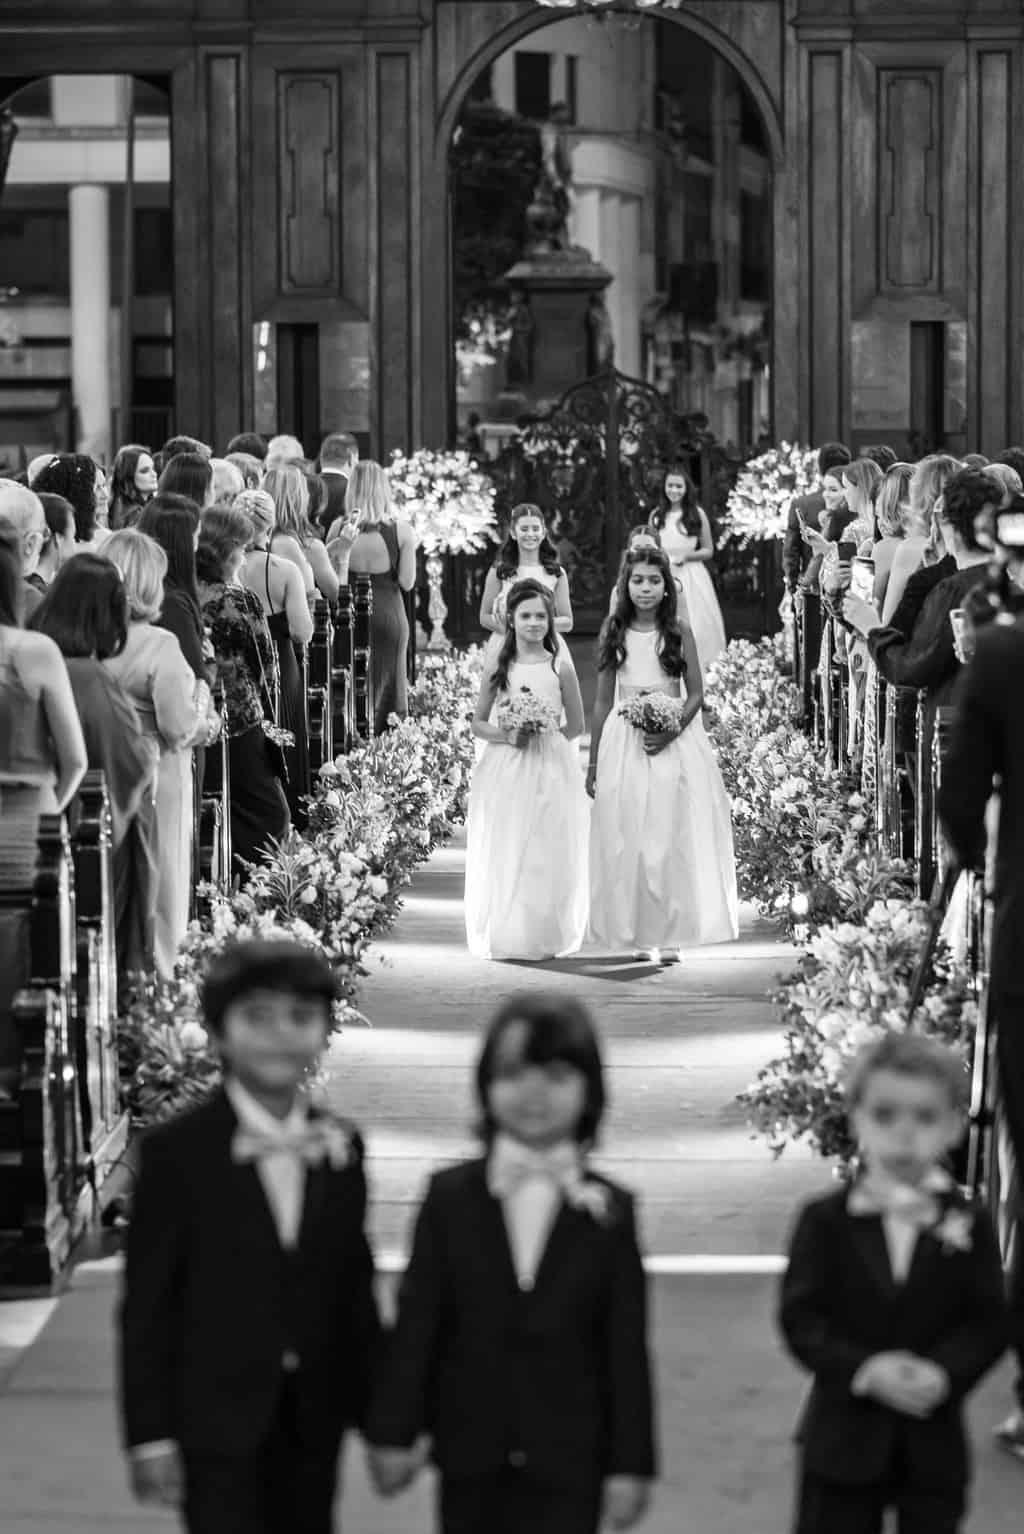 casamento-Karynna-e-Fernando-cerimonia-na-igreja-cerimonial-TCD-Eventos-fotografia-Marina-Fava-Igreja-São-Francisco-de-Paula38